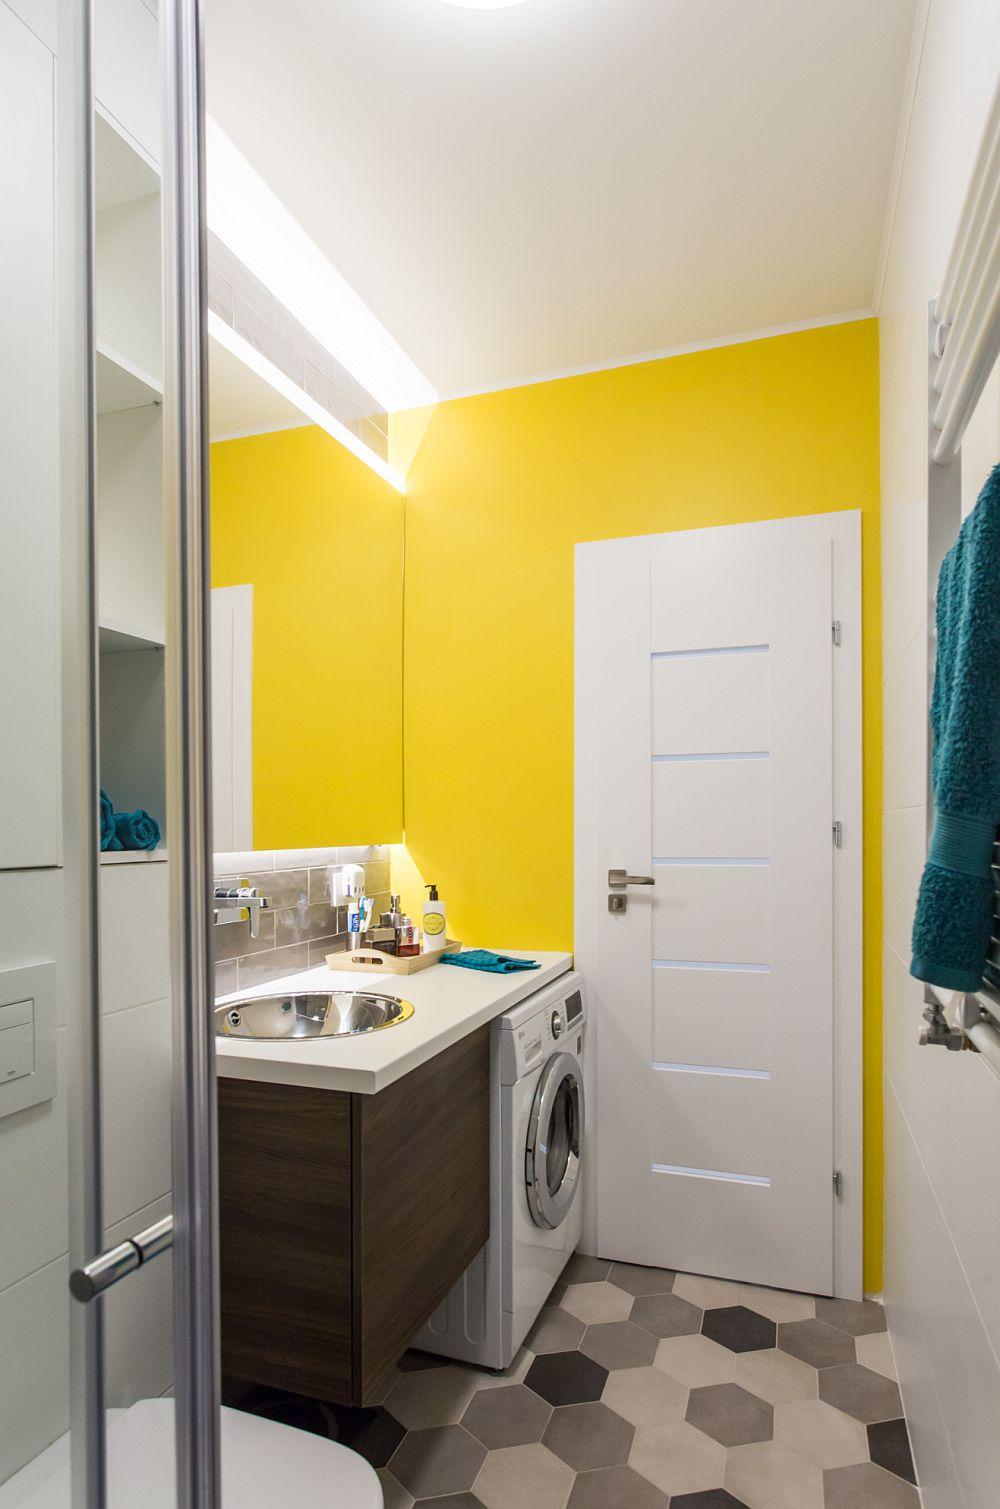 Pentru un strop de culoare în baie, peretele din dreptul ușii interioare a fost vopsit într-un galben solar. Culoarea contează în atmosfera camerei pentru că dă senzația de luminozitate în acest spațiu mic.